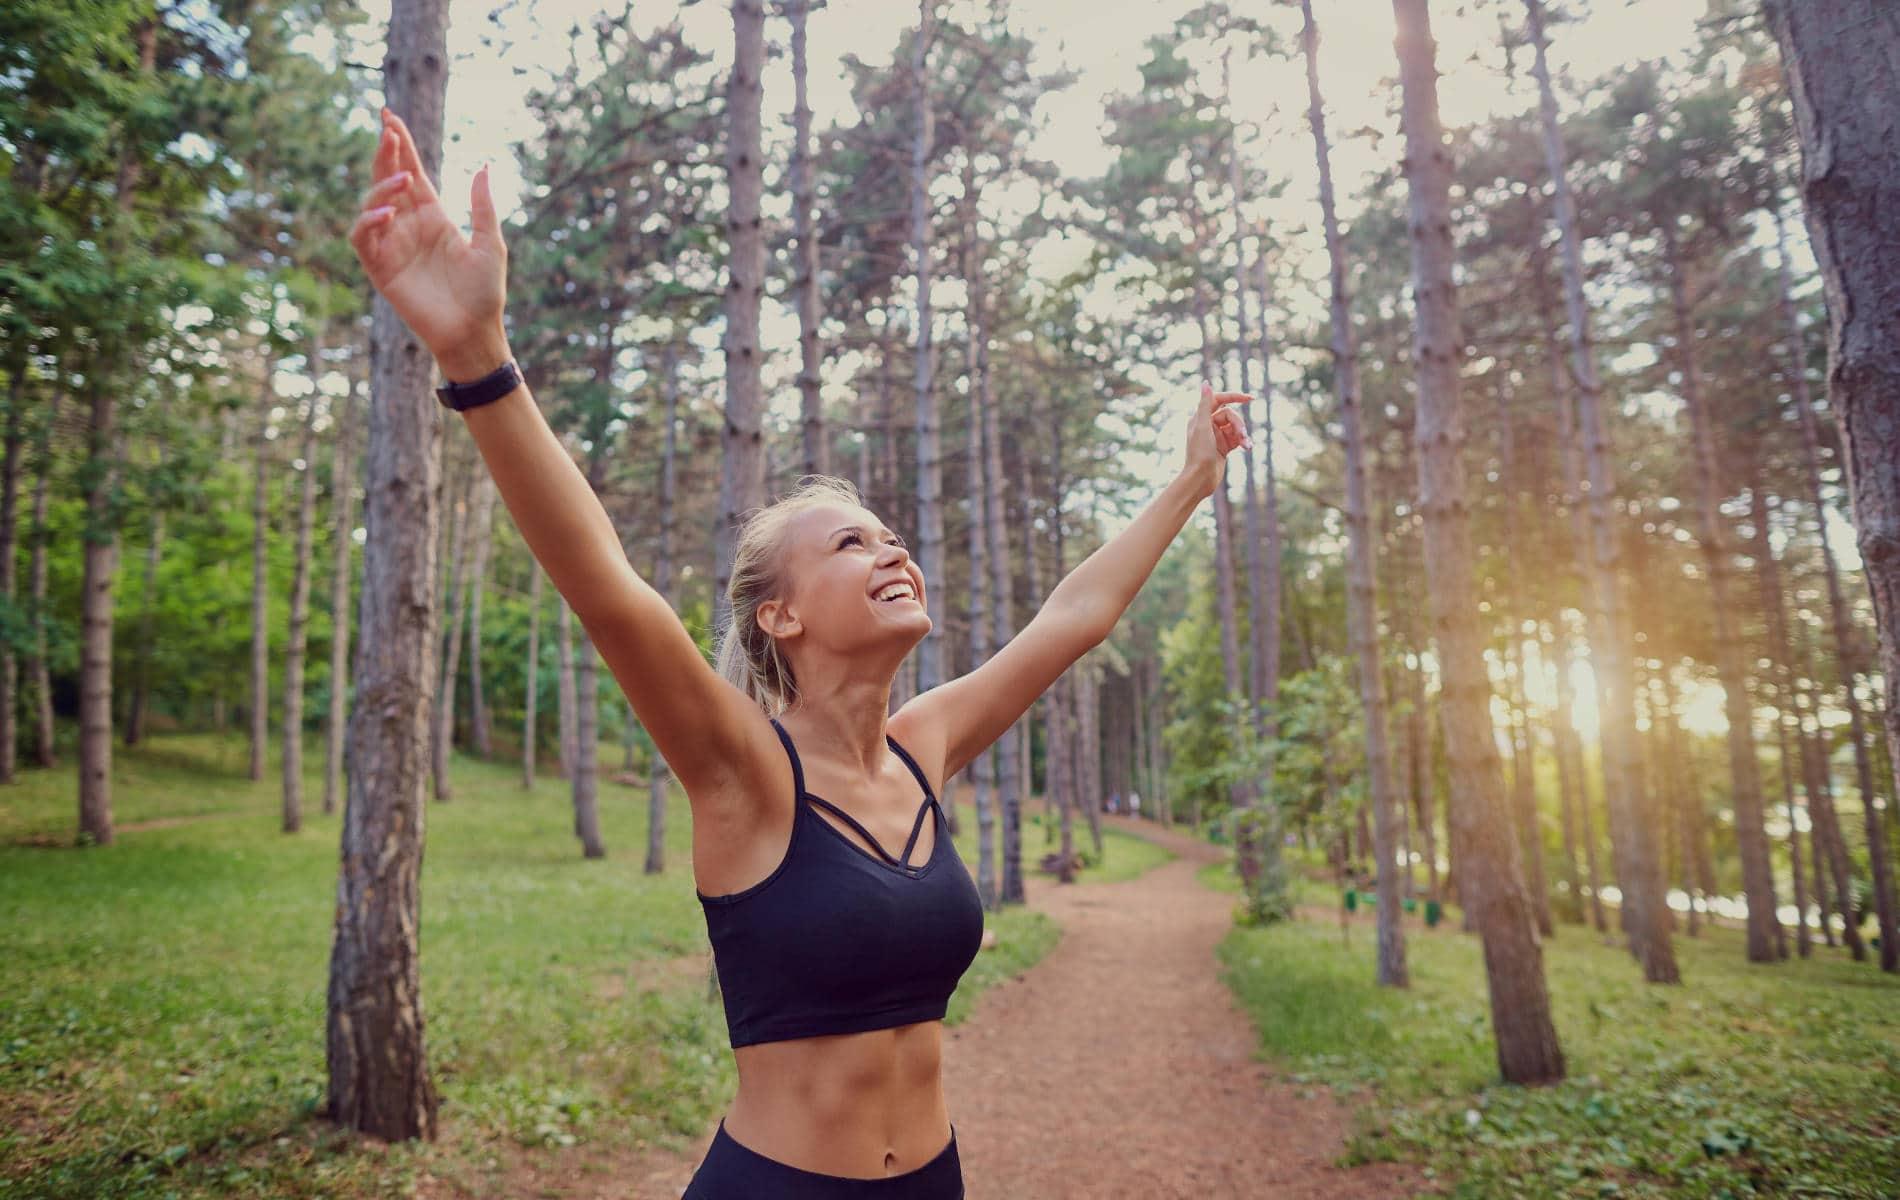 Mädchen feiert glücklich ihren Lauf im Wald